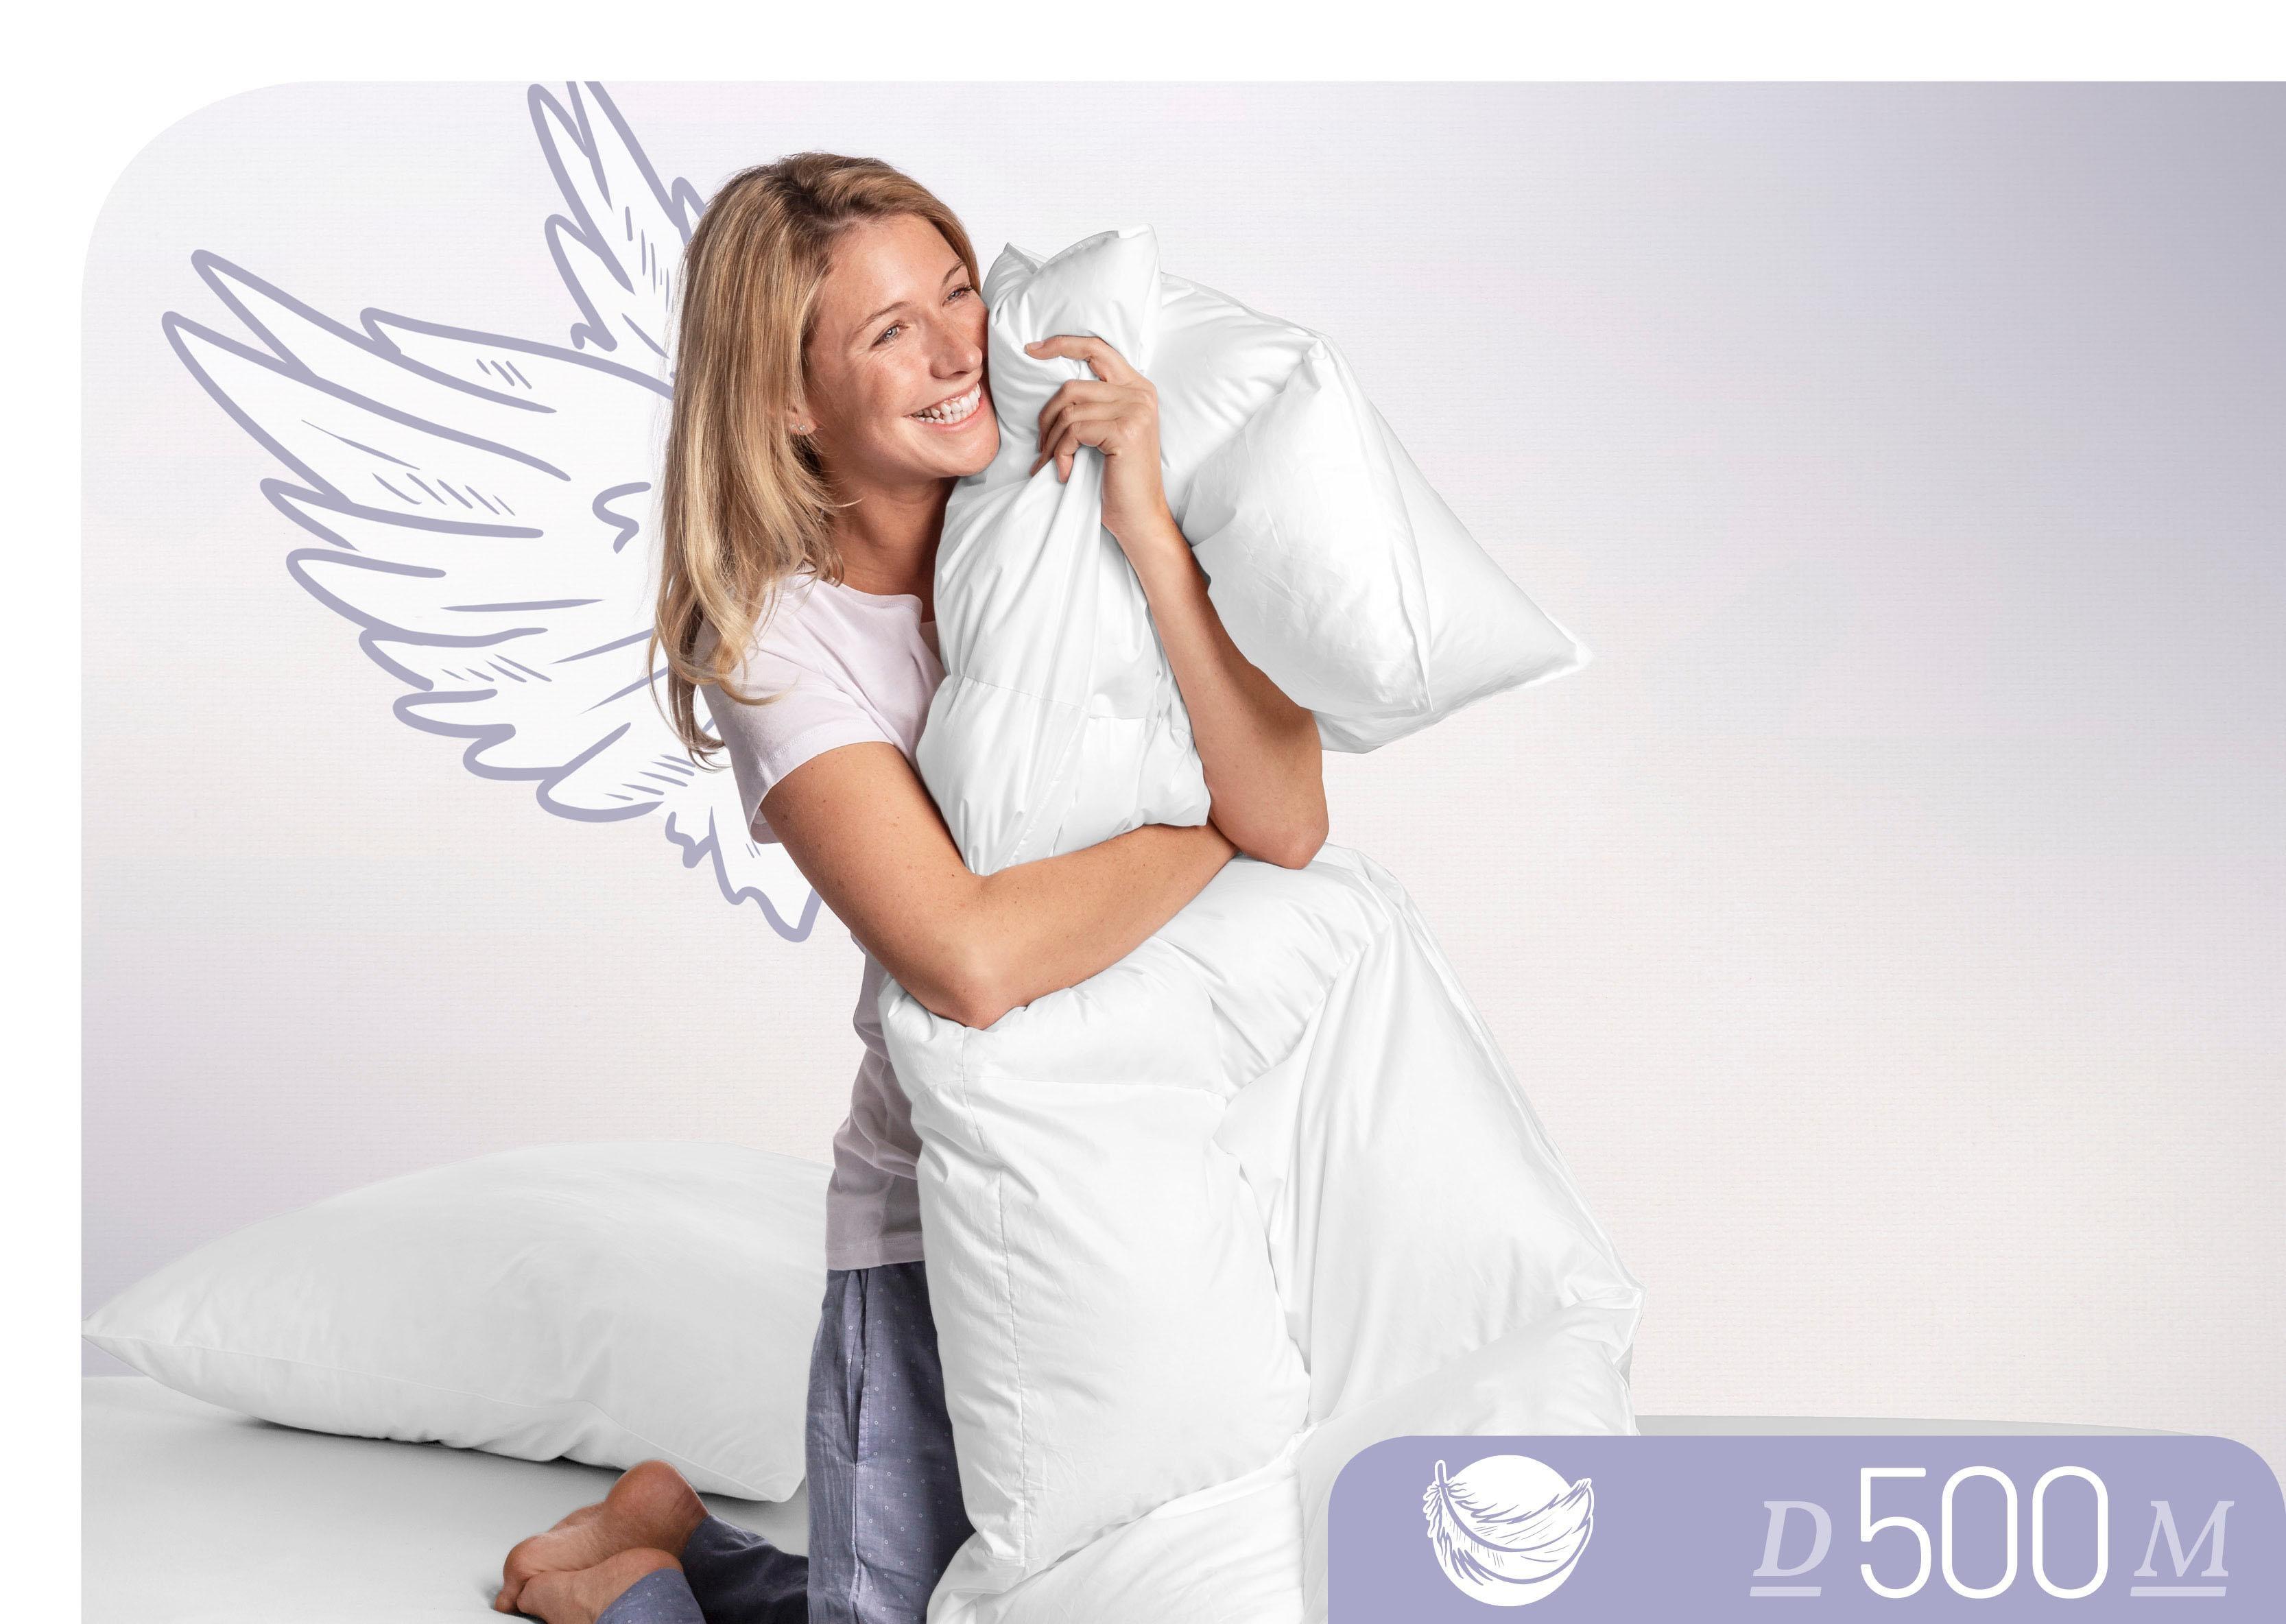 Daunenbettdecke D500 Schlafstil leicht Füllung: 100% Daunen Bezug: 100% Baumwolle